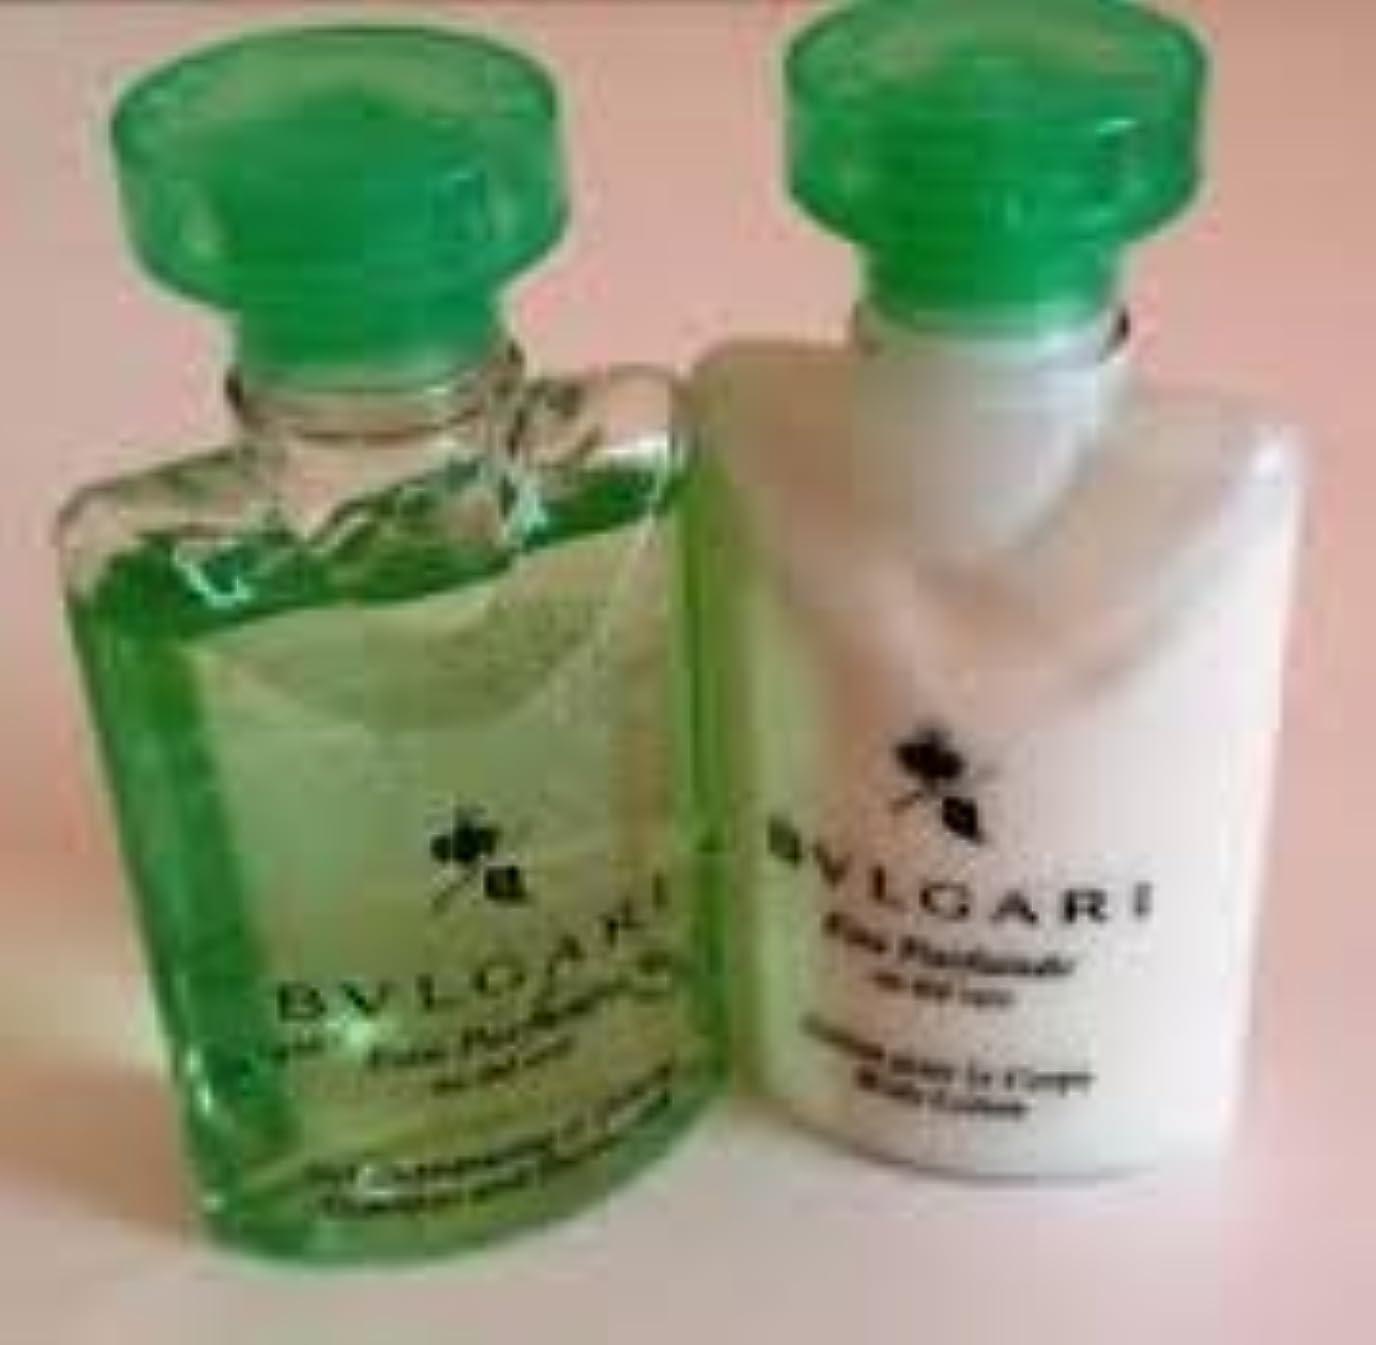 レベルパッド論争的Bvlgari Eau Parfumee au the vert (ブルガリ オー パフュ-メ オウ ザ バート / グリーン ティー) 2.5 oz (75ml) シャンプー & ヘアーコンディショナー